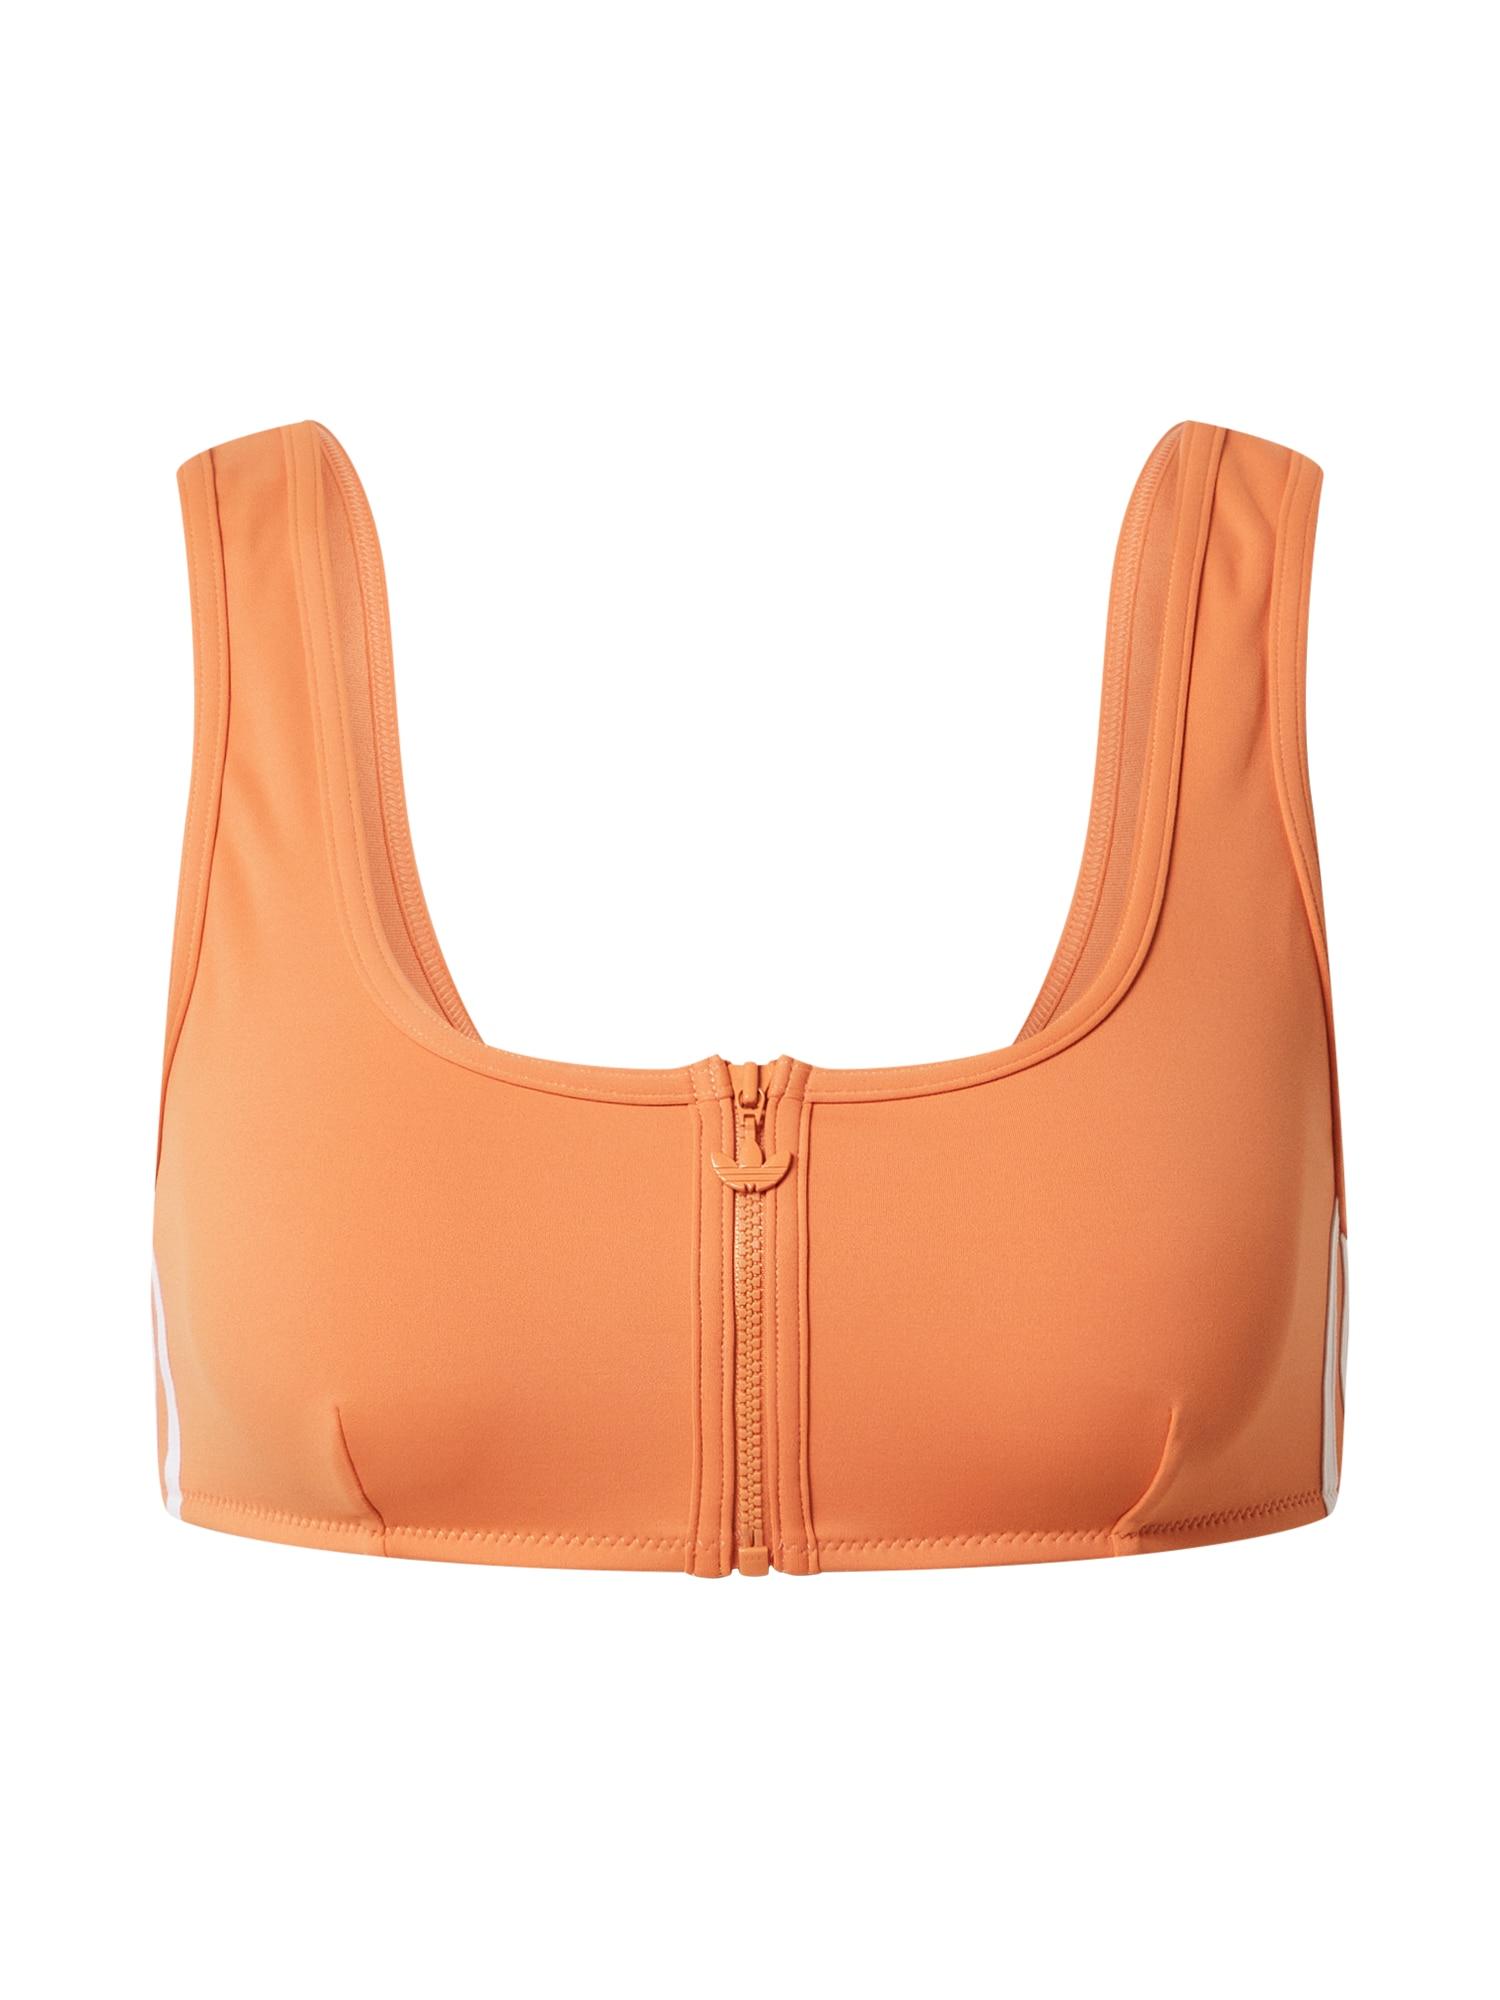 ADIDAS ORIGINALS Bikinio viršutinė dalis oranžinė